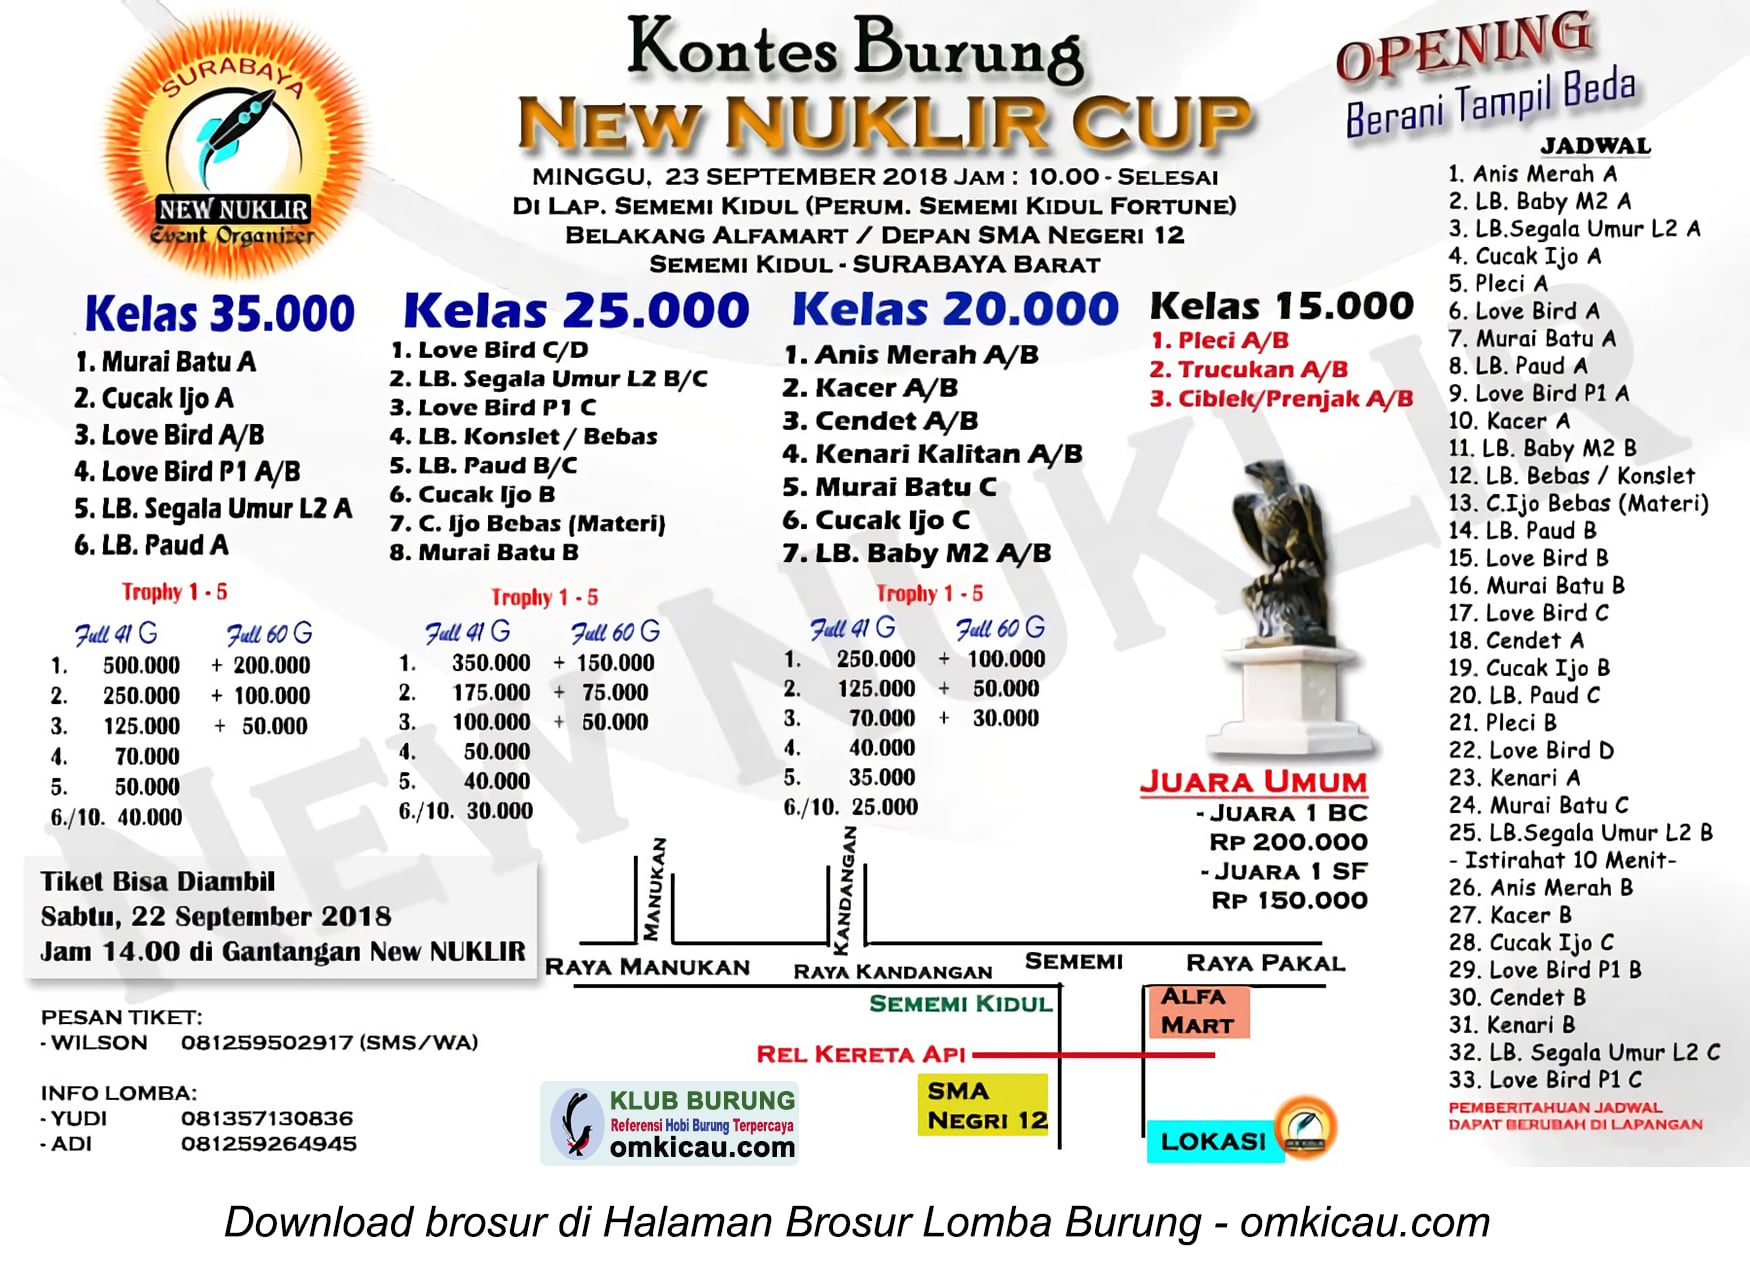 New Nuklir Cup